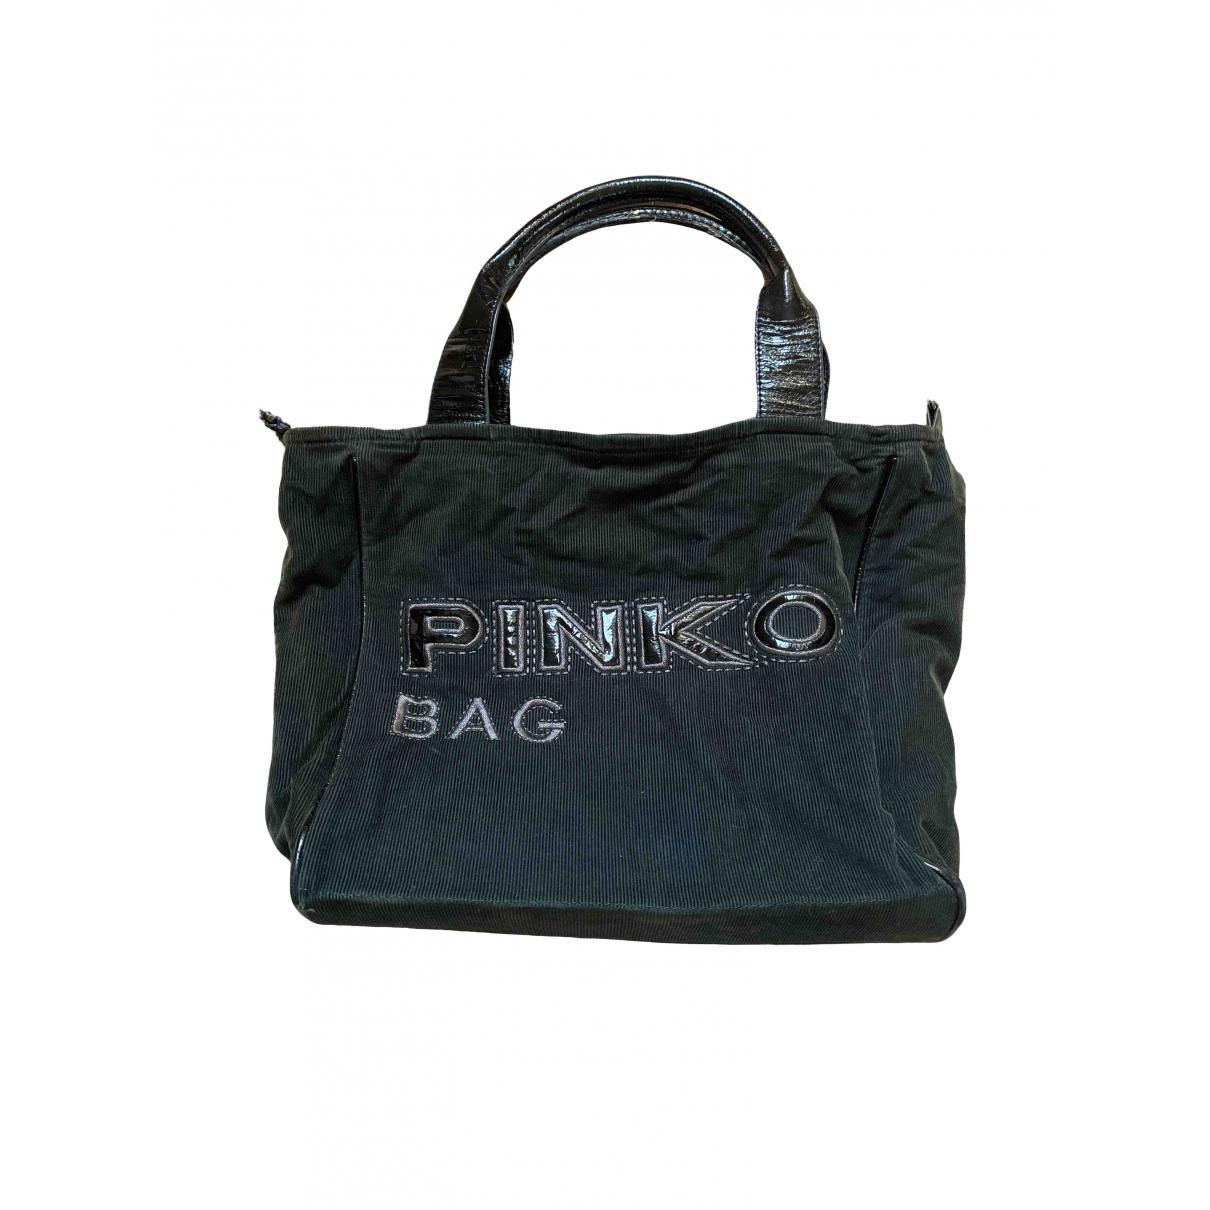 Pinko \N Handtasche in  Gruen Samt